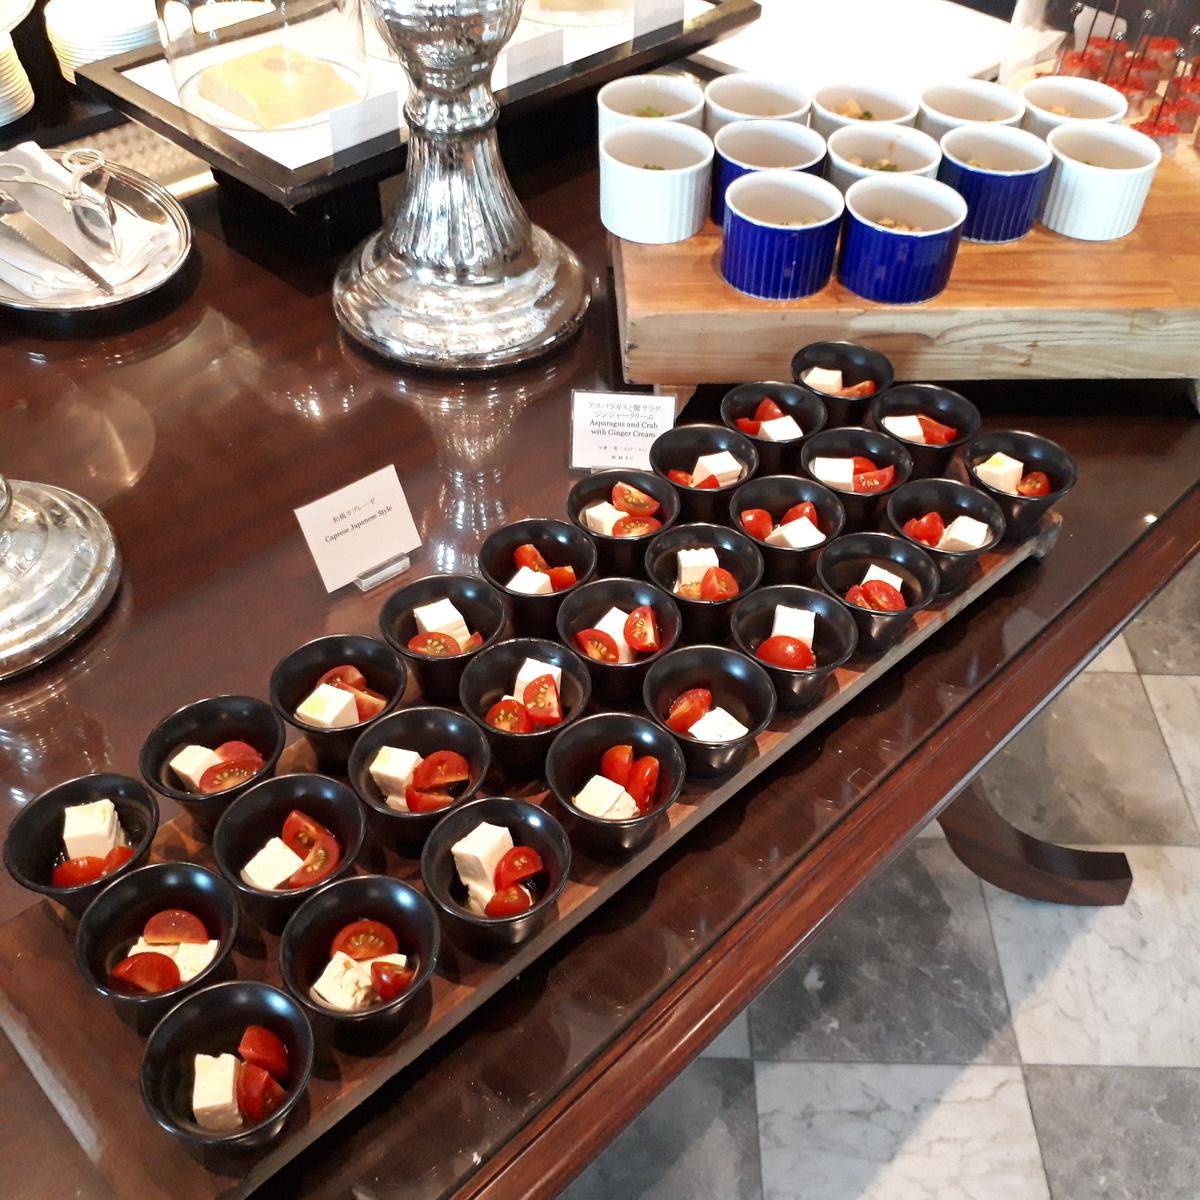 リッツカールトン大阪 クラブラウンジ 夕食前の前菜